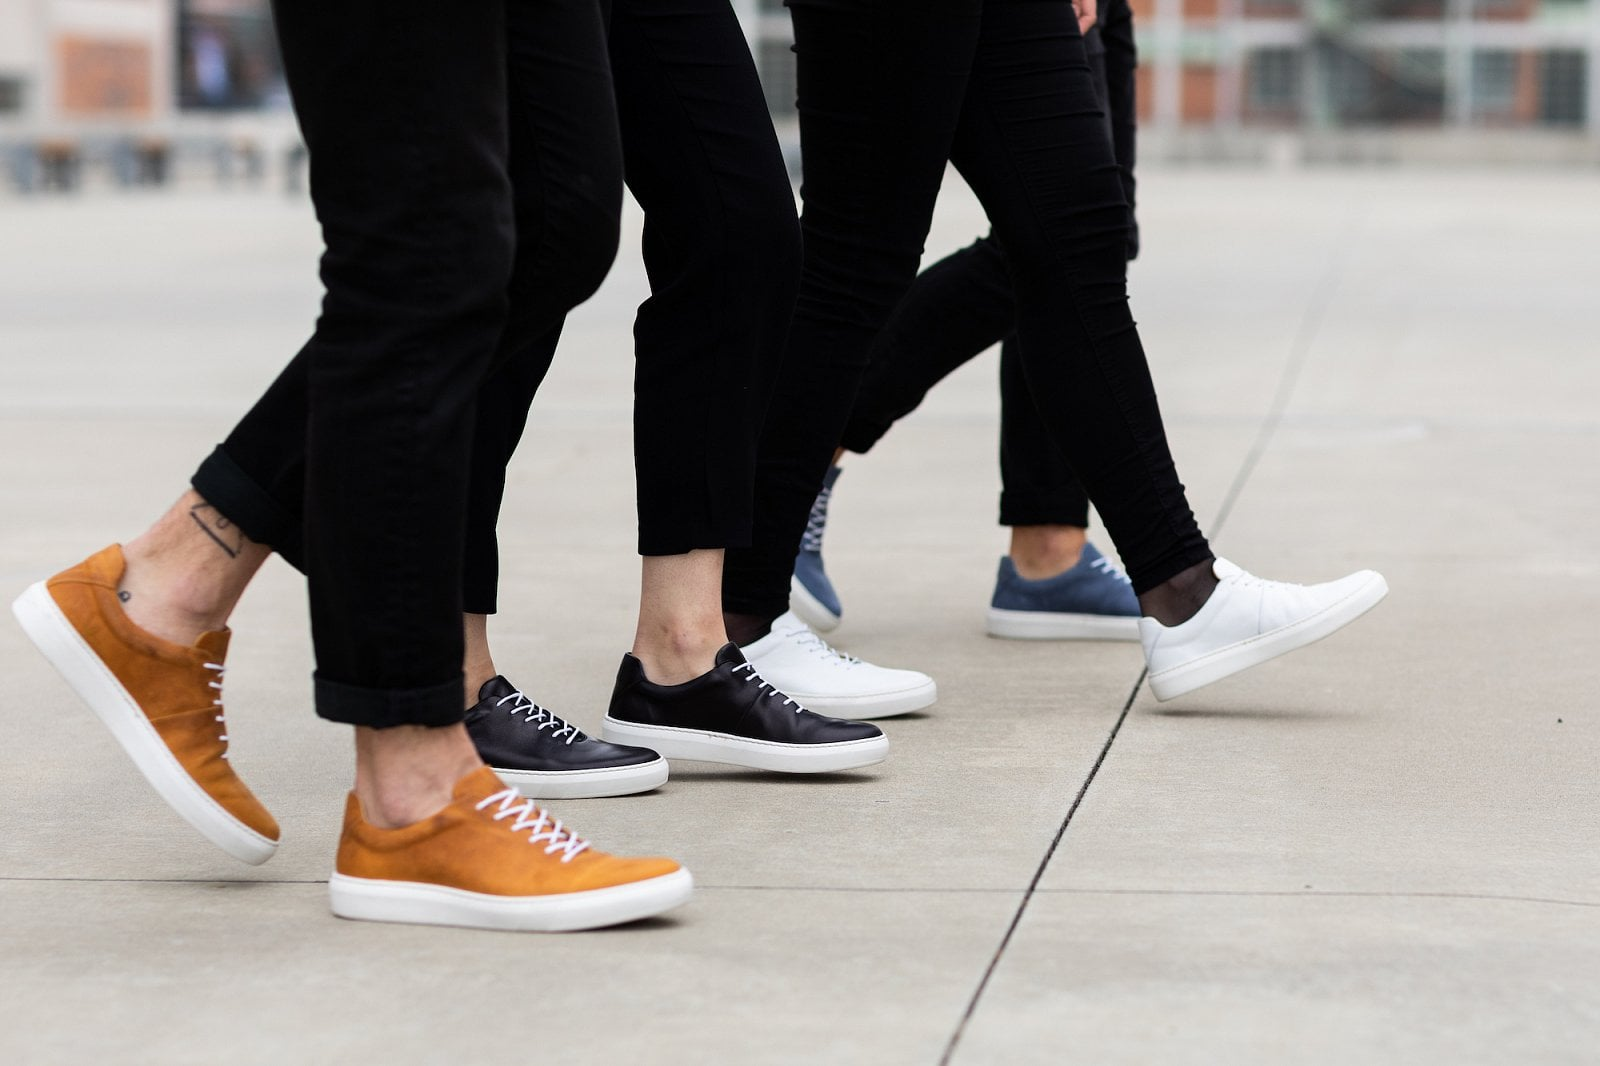 Vasky vyrábí kvalitní koženou obuv